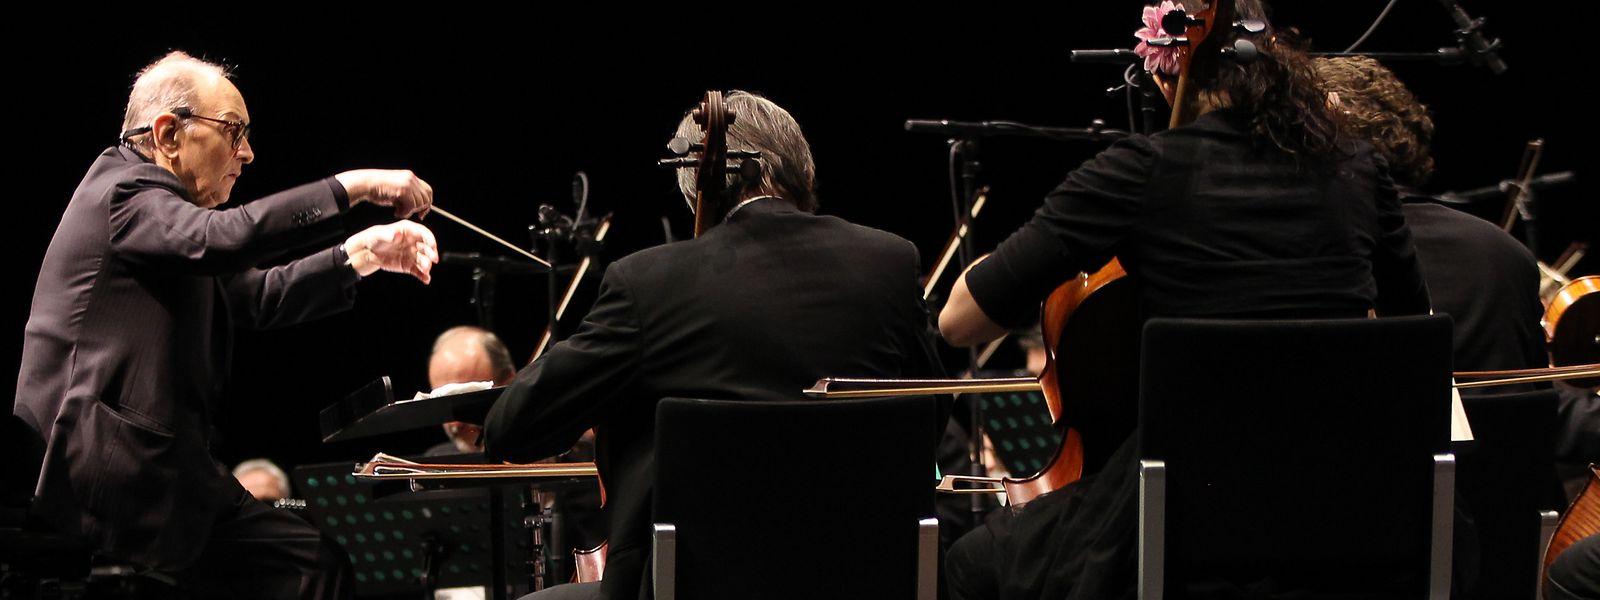 2015 leitete der Maestro ein Konzert in der Coque in Luxemburg anlässlich seines 50. Bühnenjubiläums.